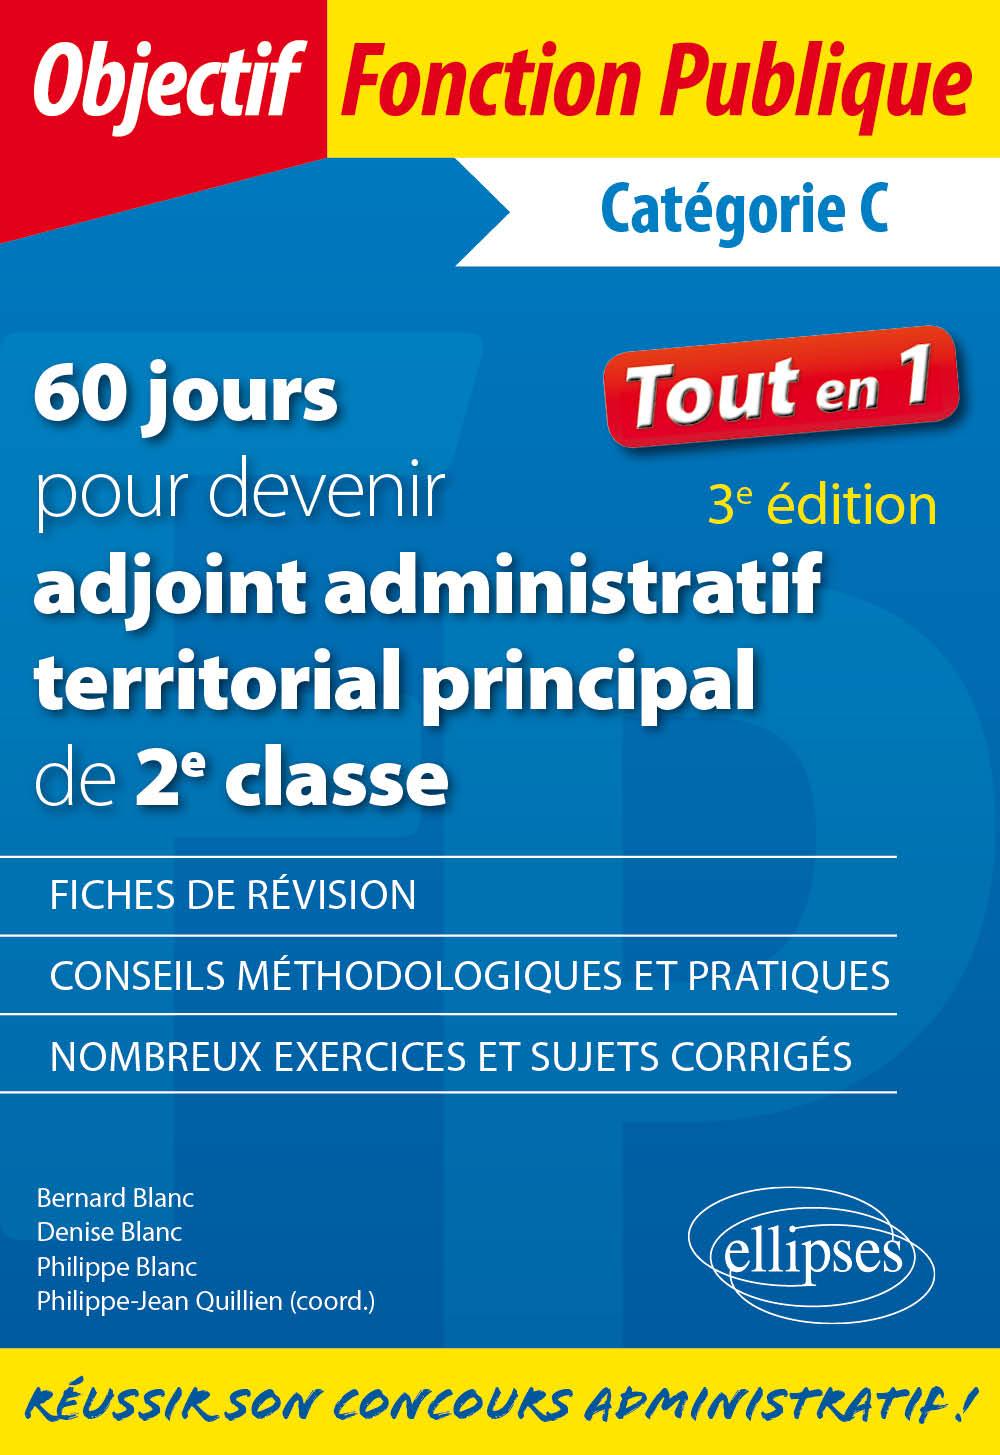 15d63ece243 60 jours pour devenir adjoint administratif territorial principal de 2e  classe - Catégorie C - 3e